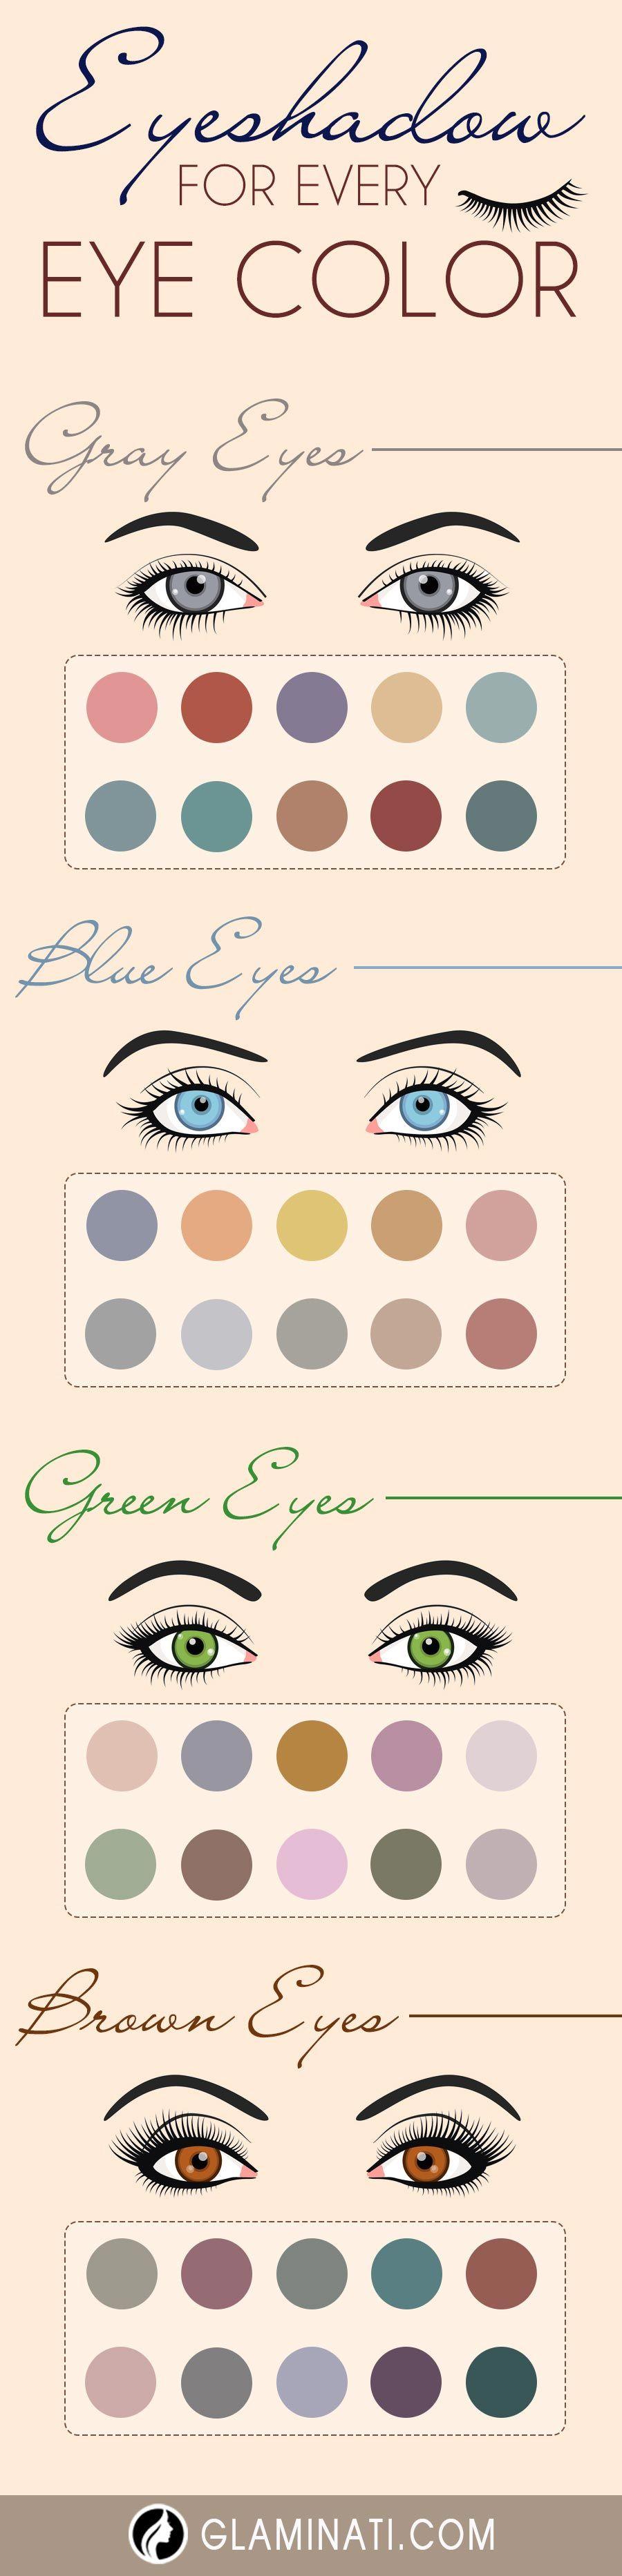 makeup tips for green gray eyes - wavy haircut